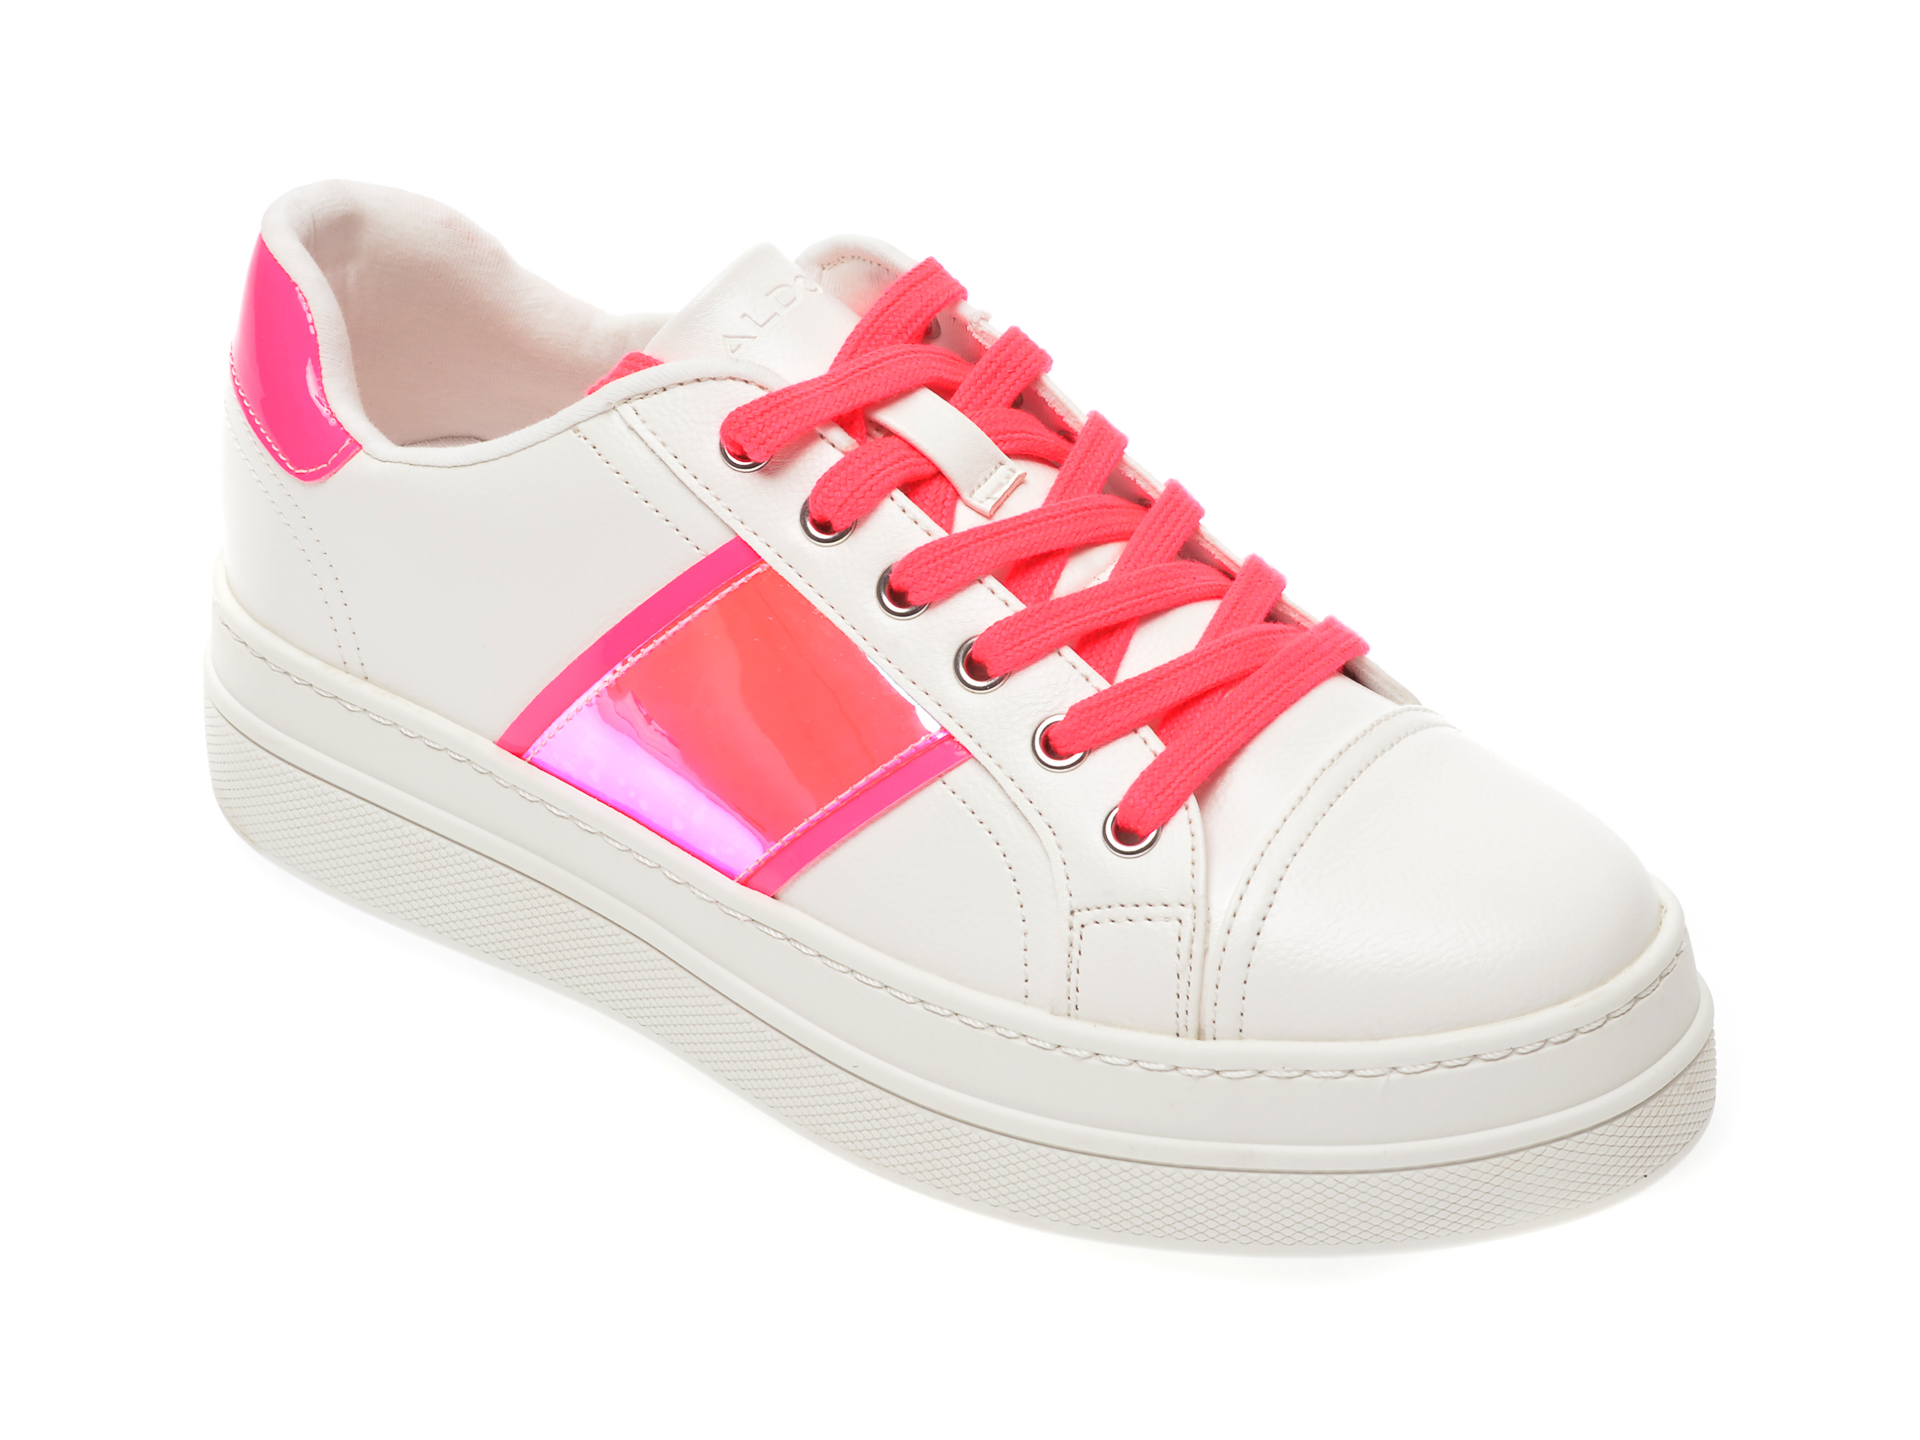 Pantofi sport ALDO albi Starburst670, din piele ecologica imagine